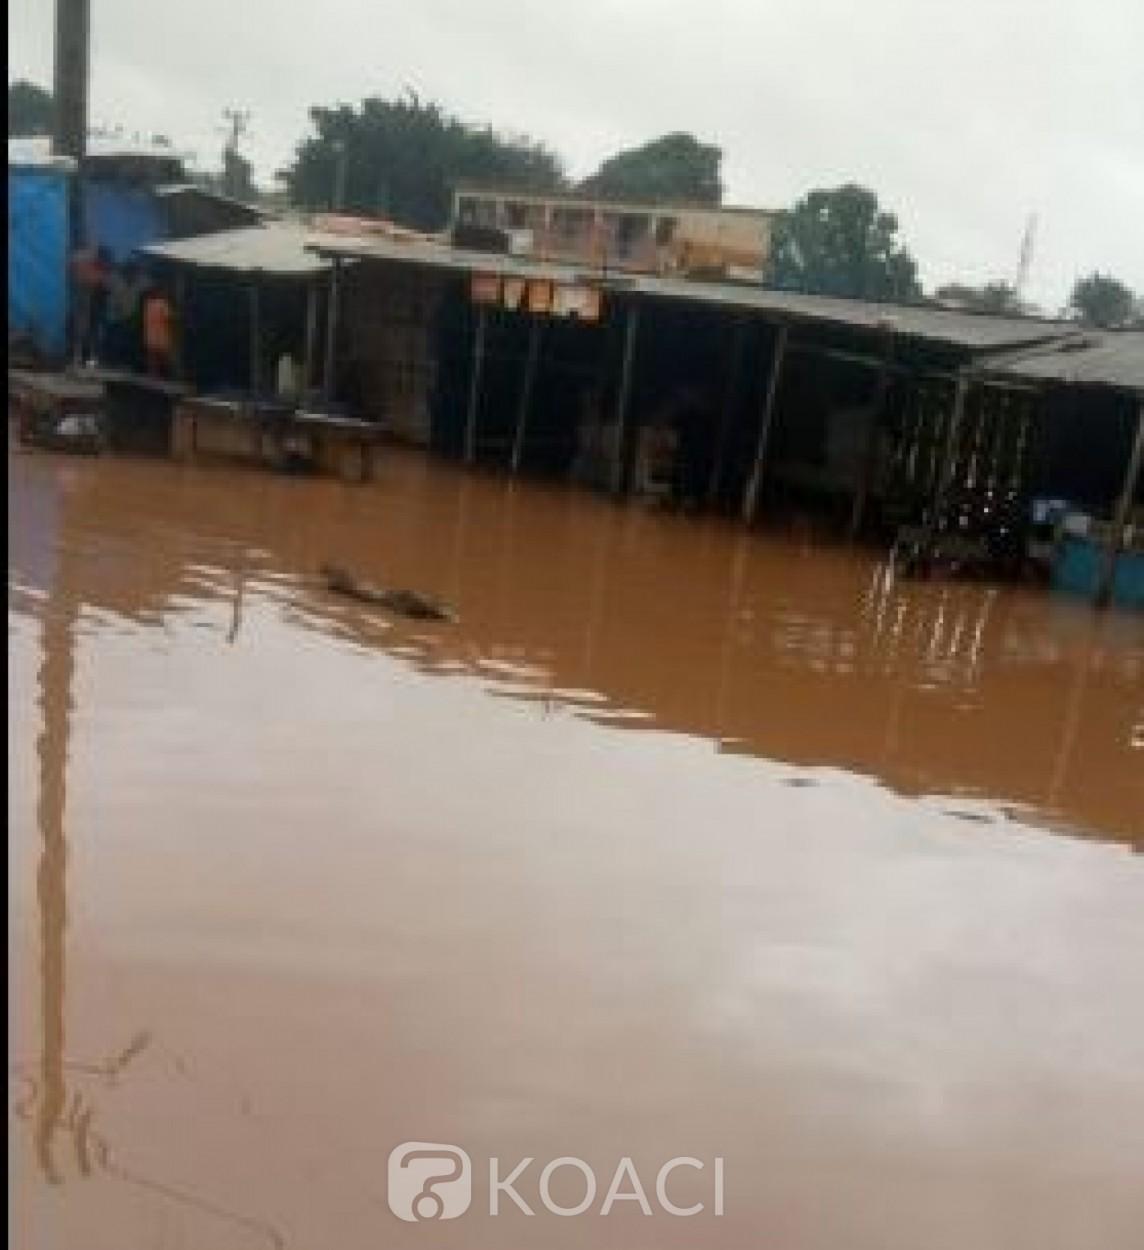 Côte d'Ivoire : Duékoué,  des pluies  diluviennes  provoquent la crue de la rivière sacrée le Guémon, de nombreux dégâts matériels signalés